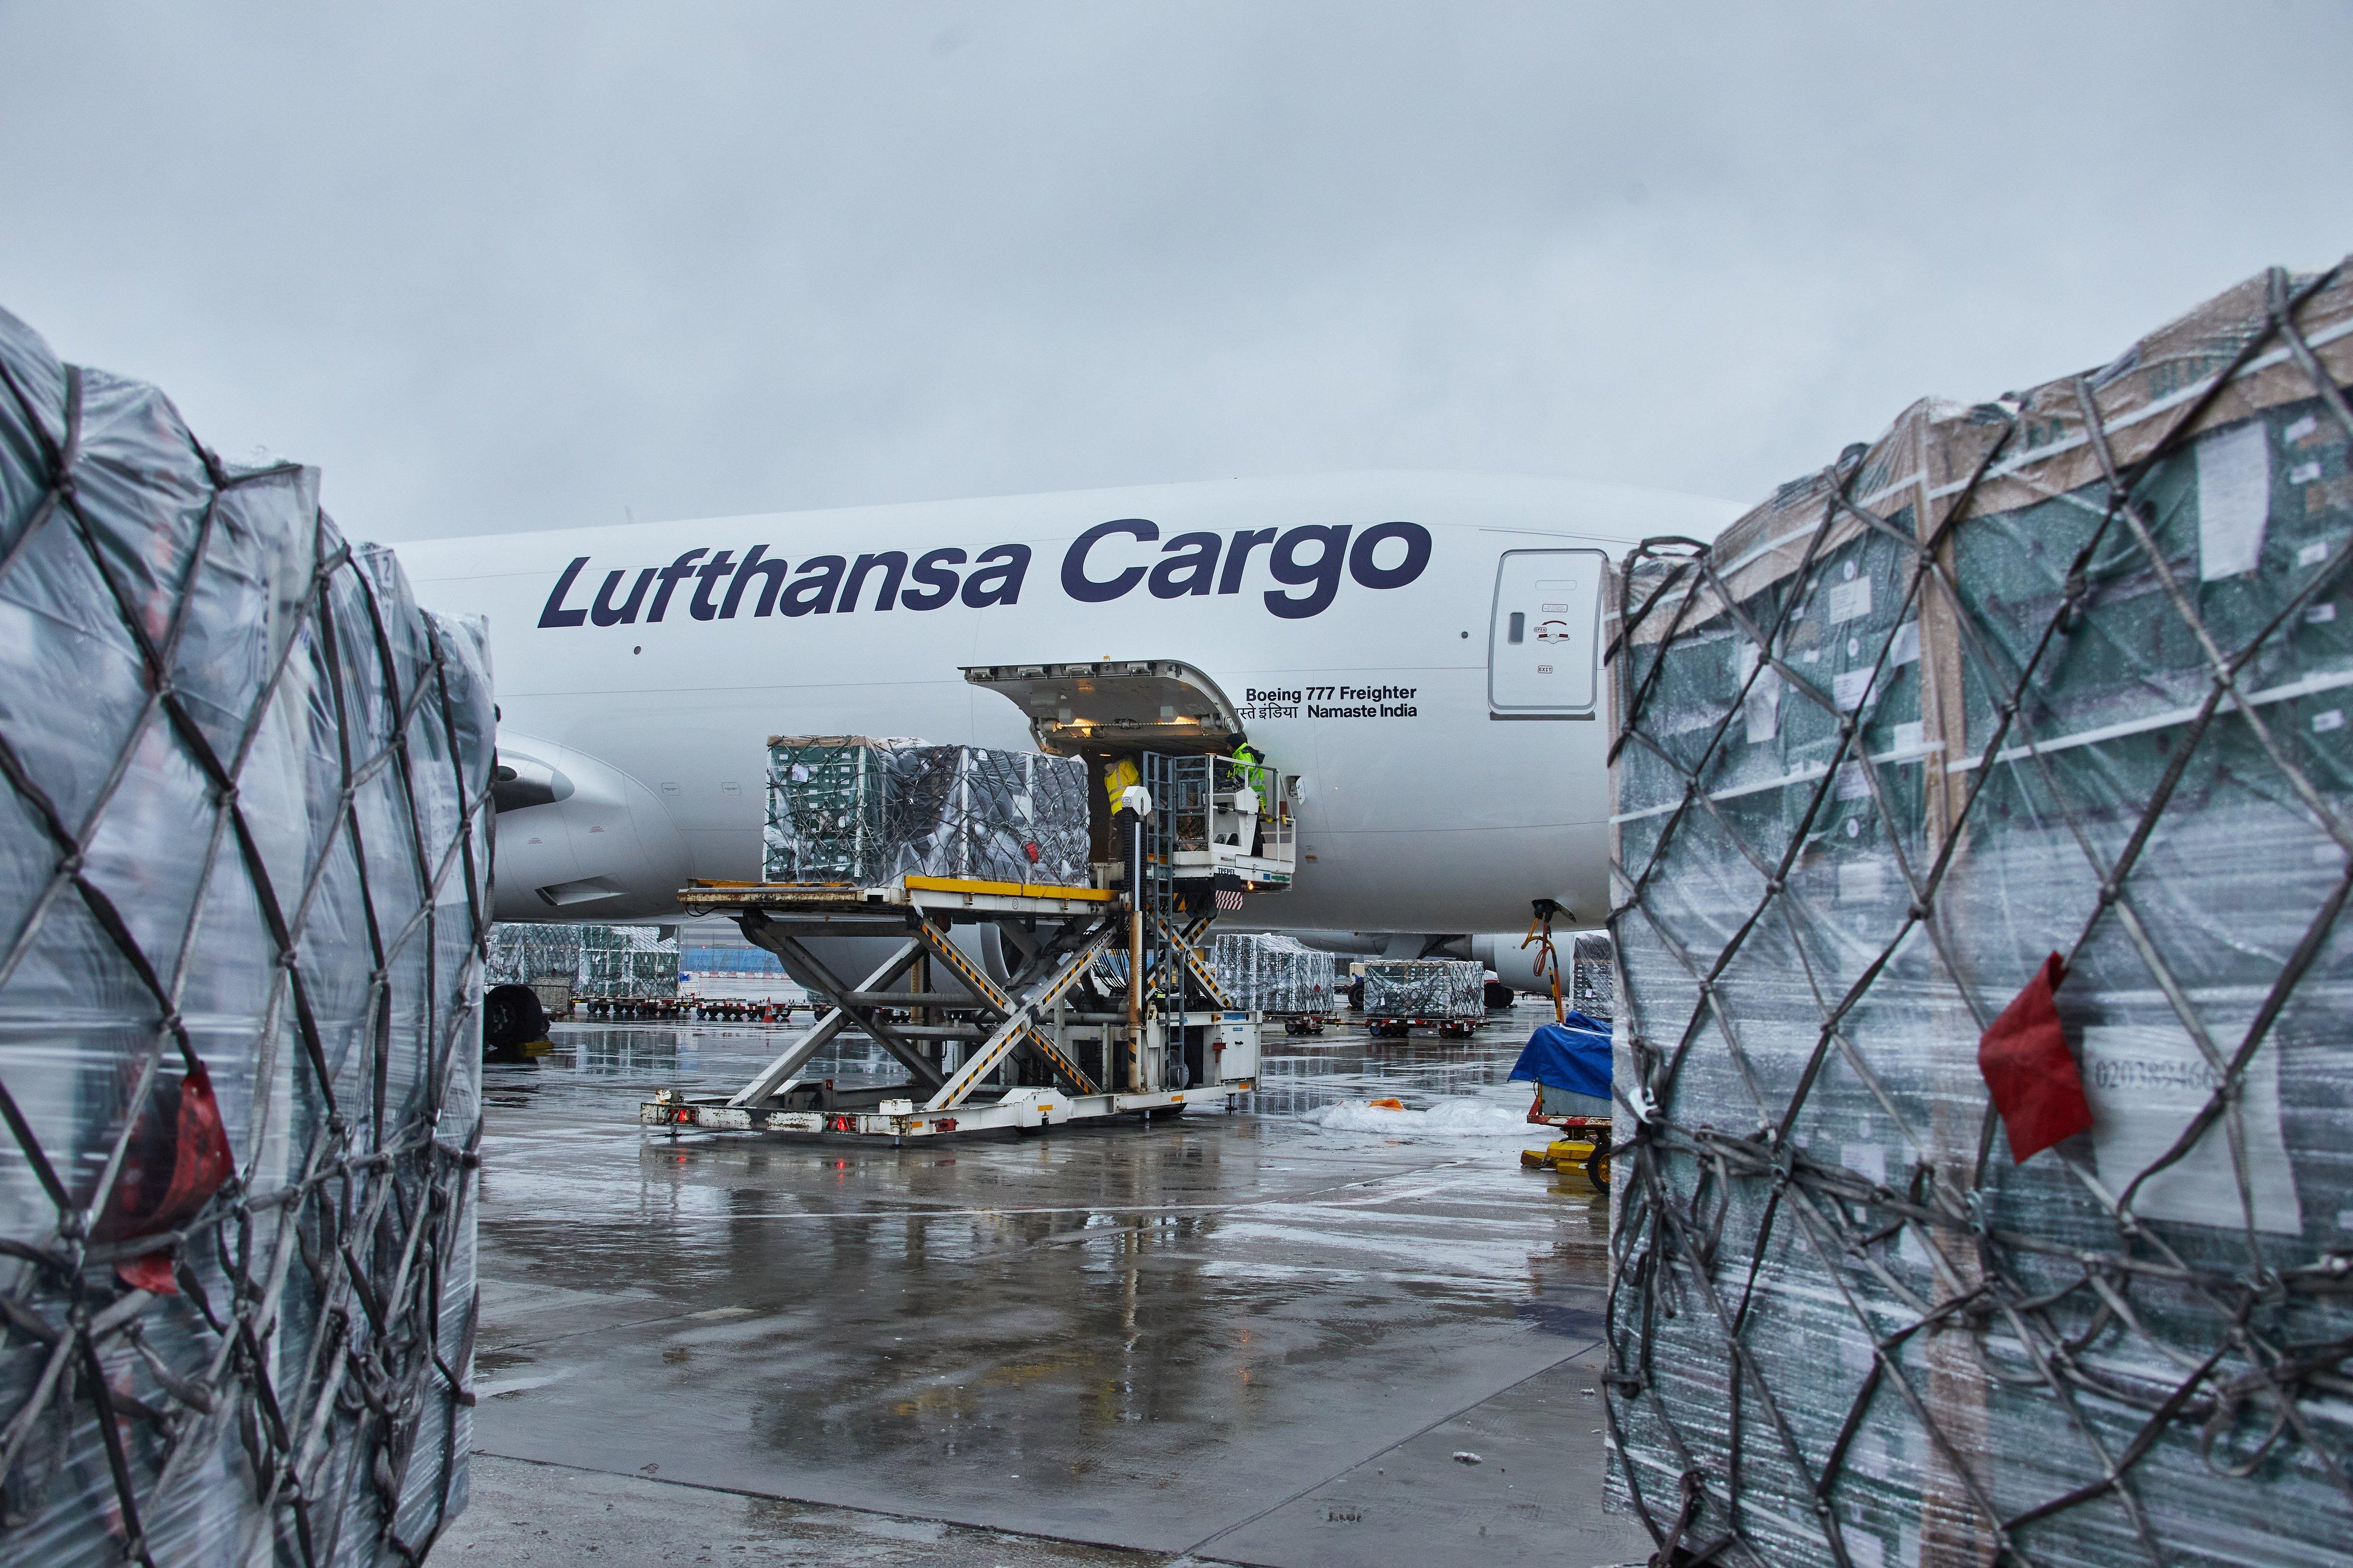 80 tonna zöldséget és gyümölcsöt szállított Nagy-Britanniába a Lufthansa